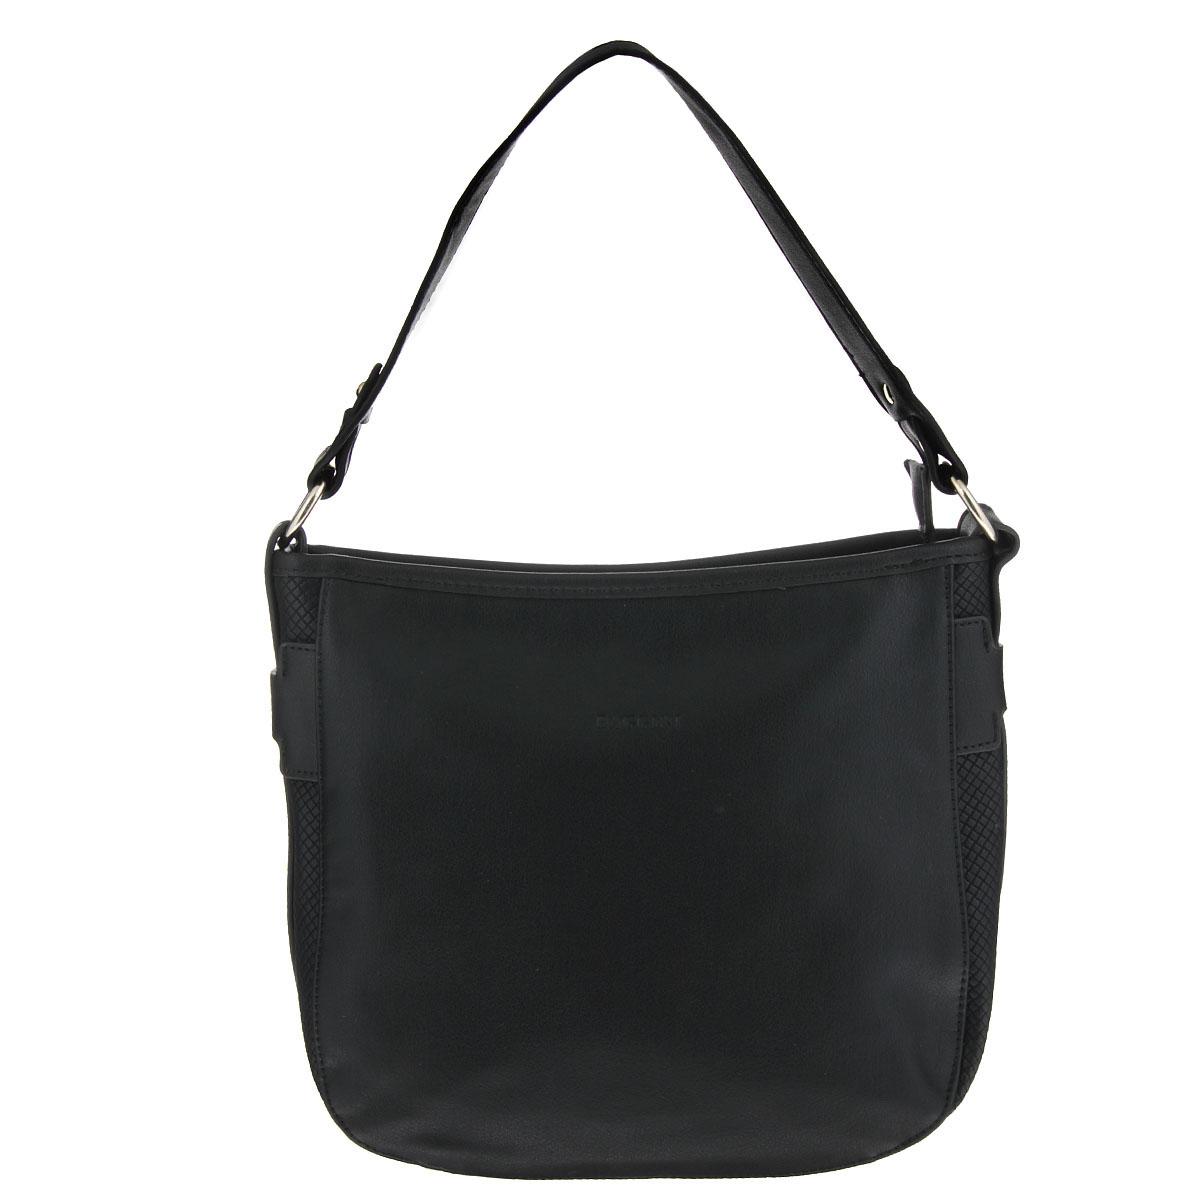 Сумка женская Baggini, цвет: черный. 29452/1029452/10Изысканная женская сумка Baggini изготовлена из высококачественной искусственной кожи и декорирована вставками с тиснением. Сумка закрывается на застежку-молнию и имеет одно вместительное отделение, разделенное пополам карманом-средником на молнии. Внутри - два накладных кармашка для мелочей, мобильного телефона и втачный карман на застежке-молнии. На внешней задней стороне сумки расположен карман на застежке-молнии. По бокам сумка оформлена декоративными ремешками с металлическими клепками. Элегантная сумка отлично дополнит ваш повседневный и выходной образы, а также подчеркнет ваш отменный вкус.